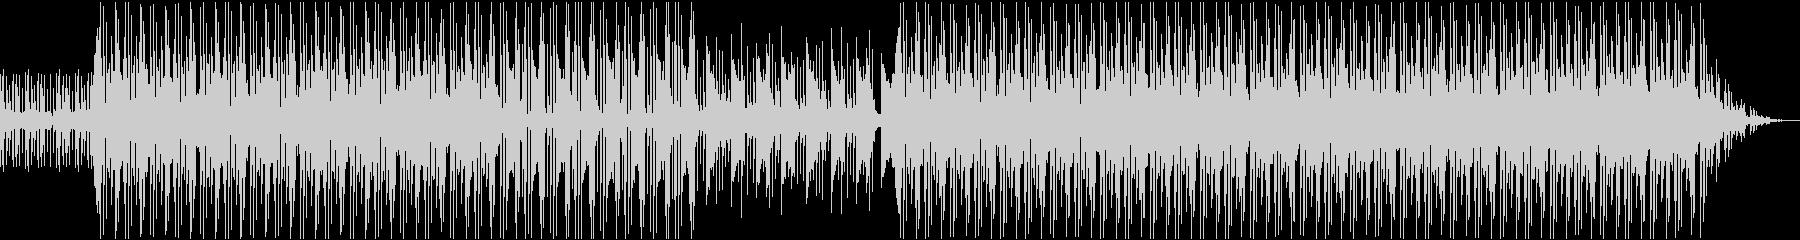 Lo-Fi analog Guitarの未再生の波形